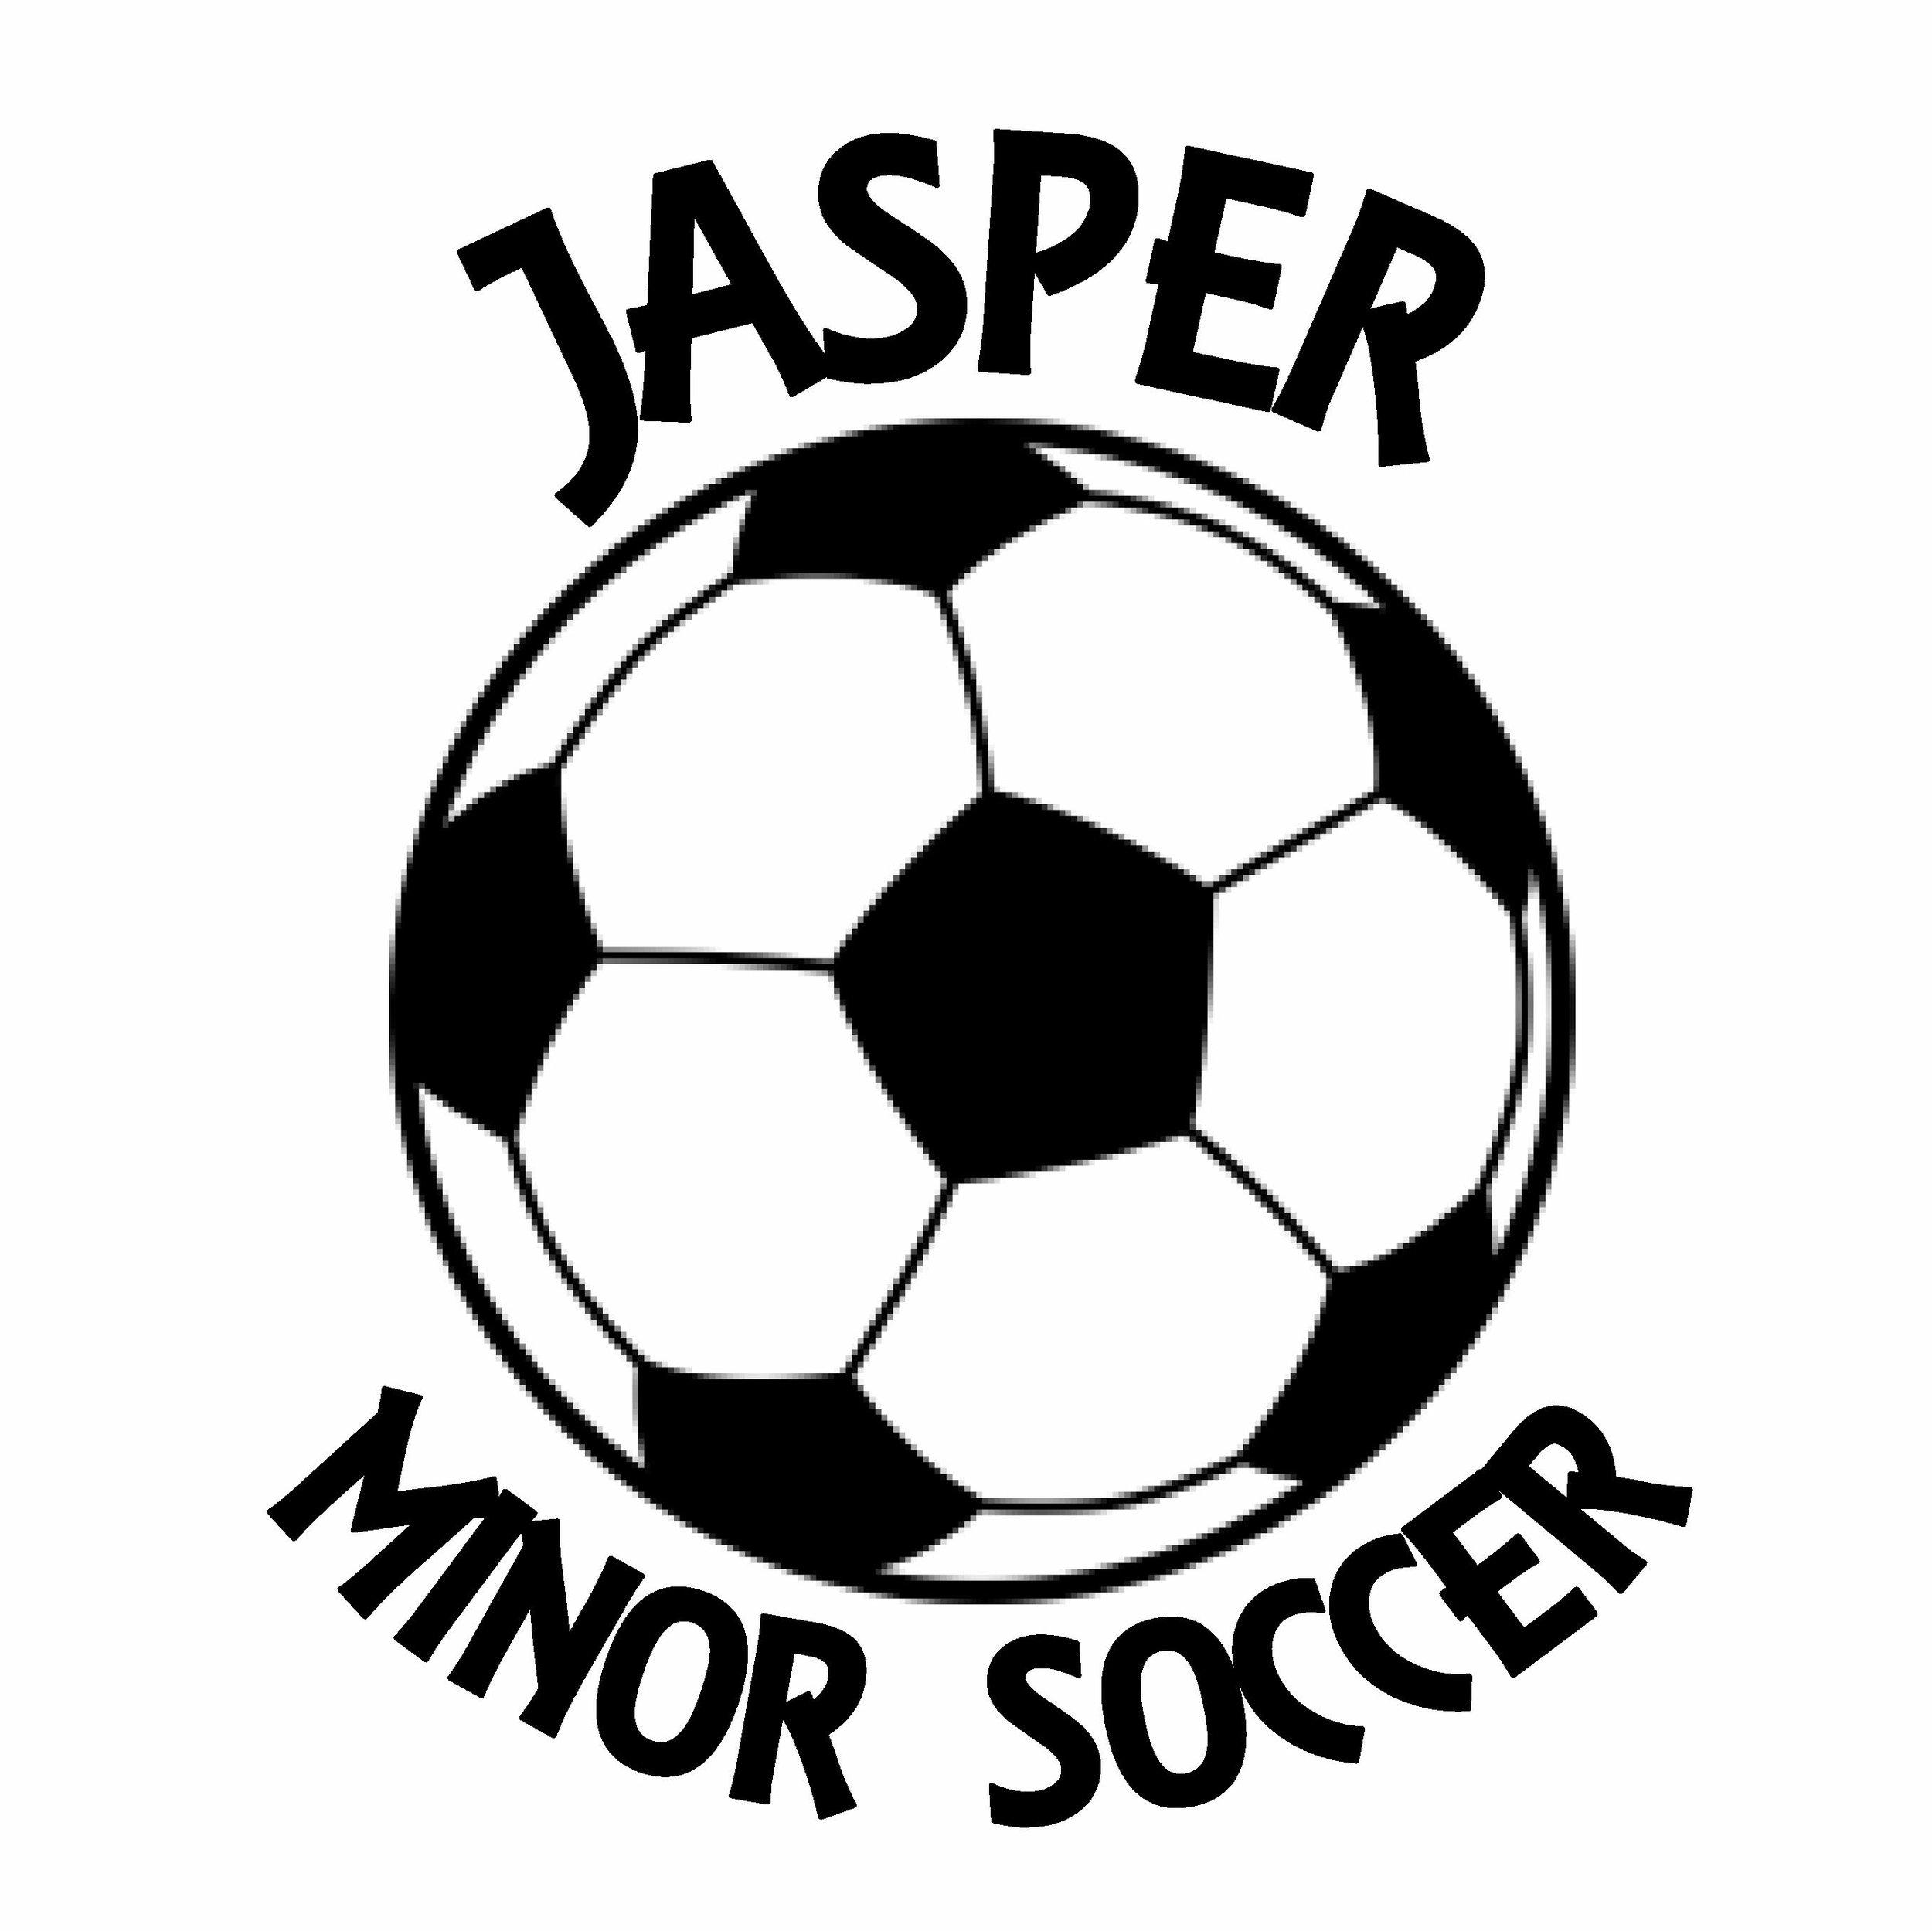 Logo_Jasper2.jpg